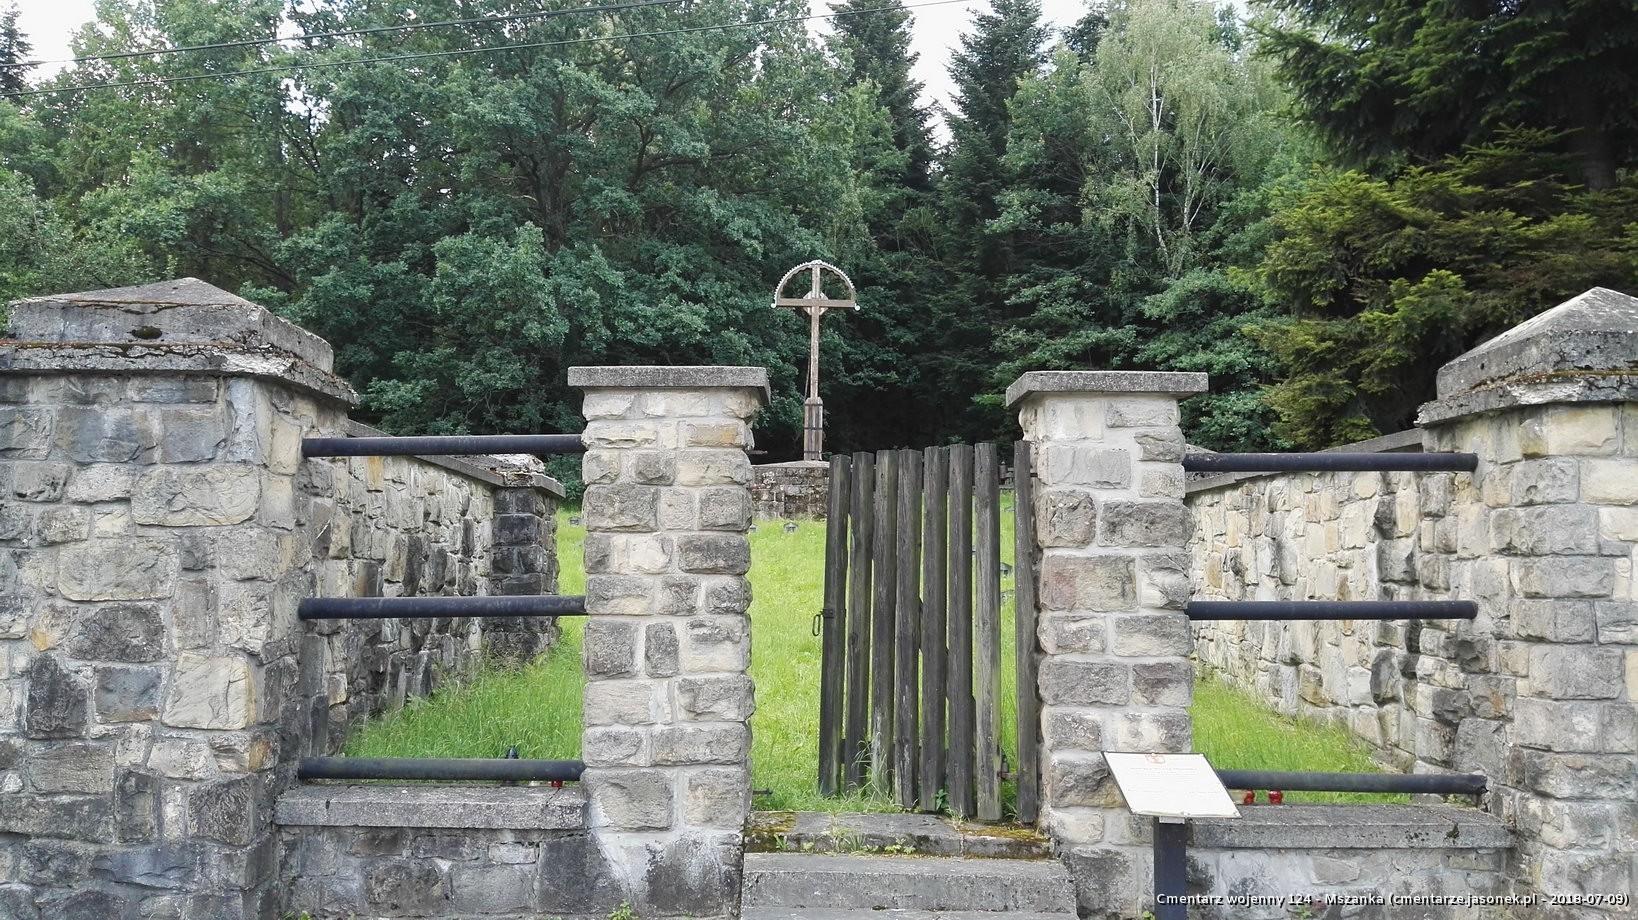 Cmentarz wojenny 124 - Mszanka